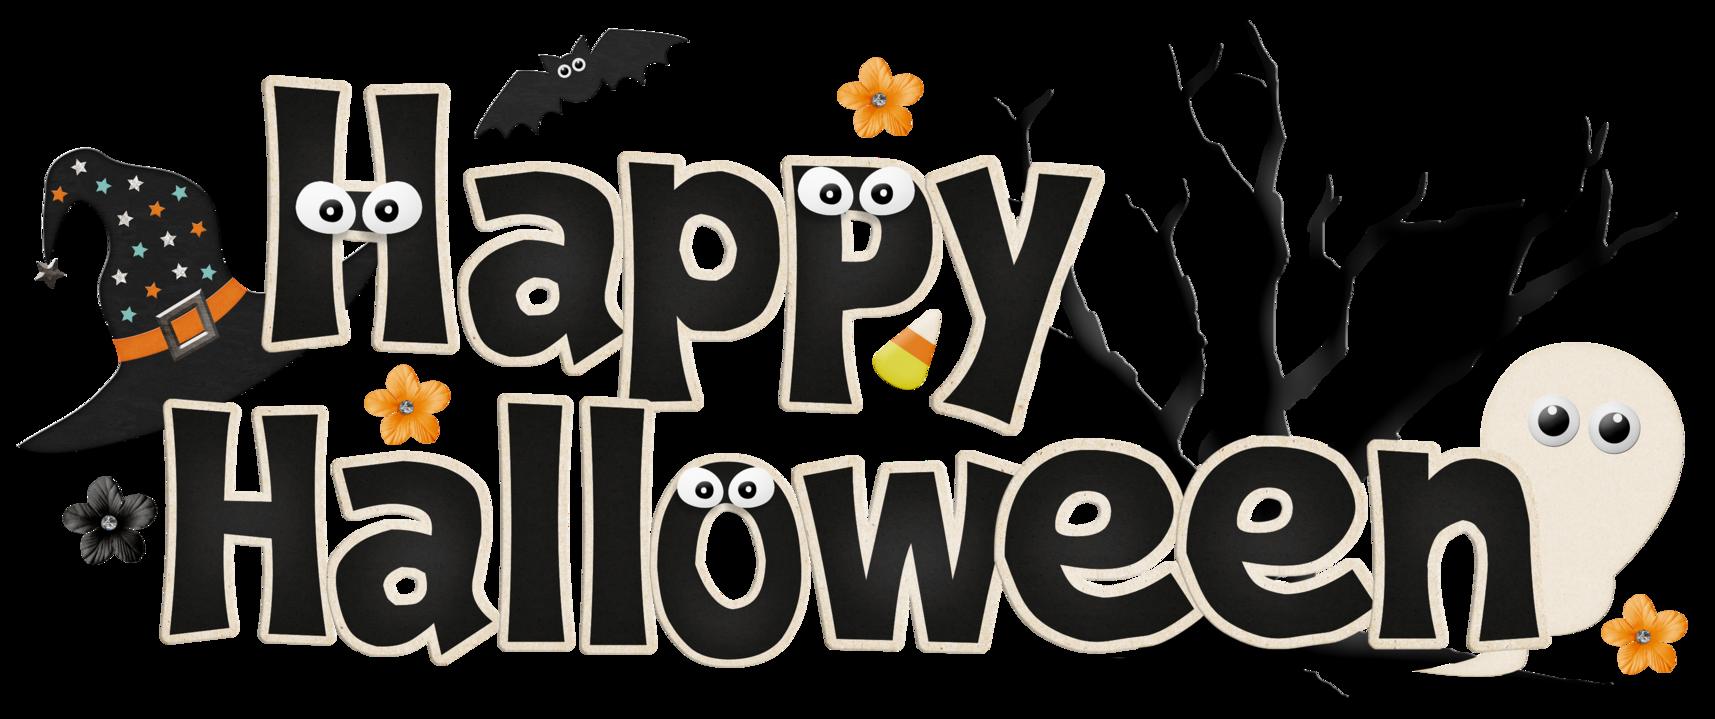 happy halloween clipart 2 - Happy Halloween In Gaelic